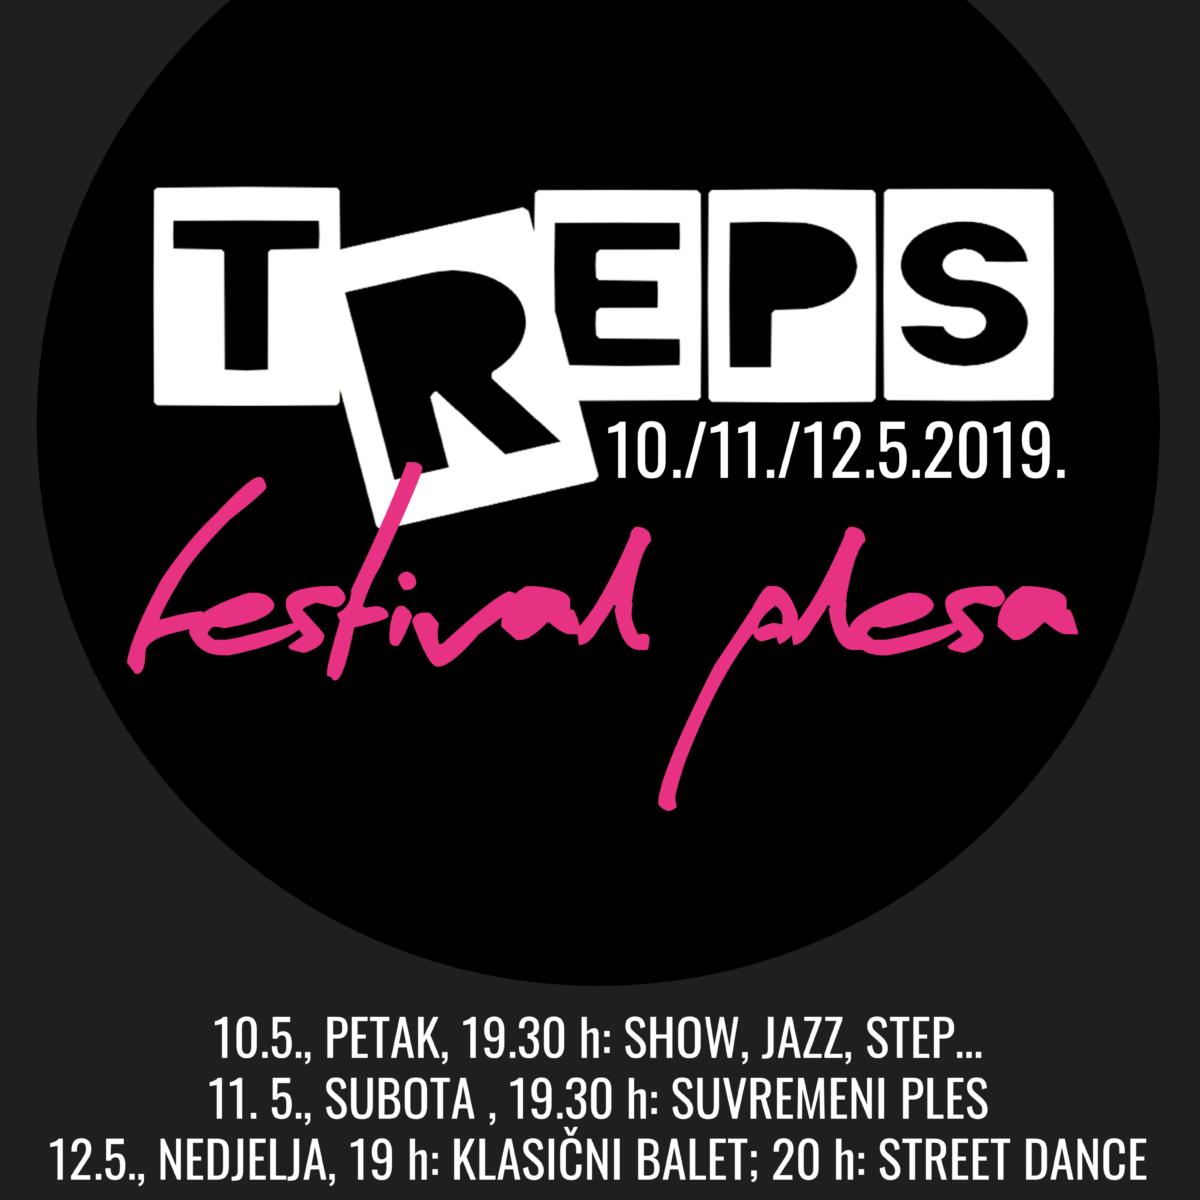 TREPS FESTIVAL 2019.